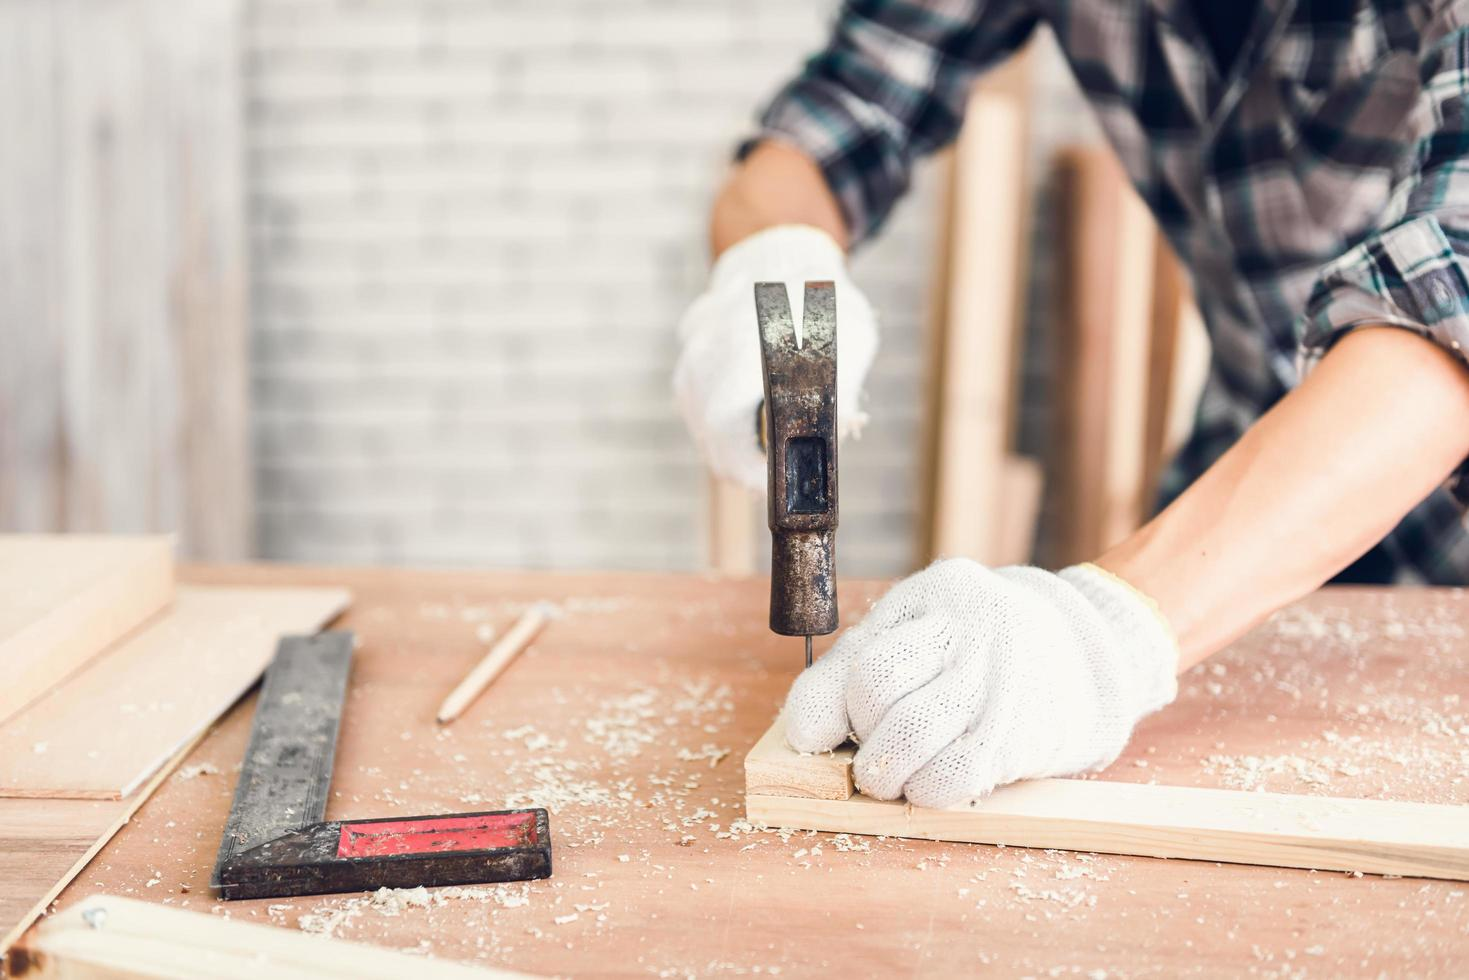 homem martelar prego em madeira foto